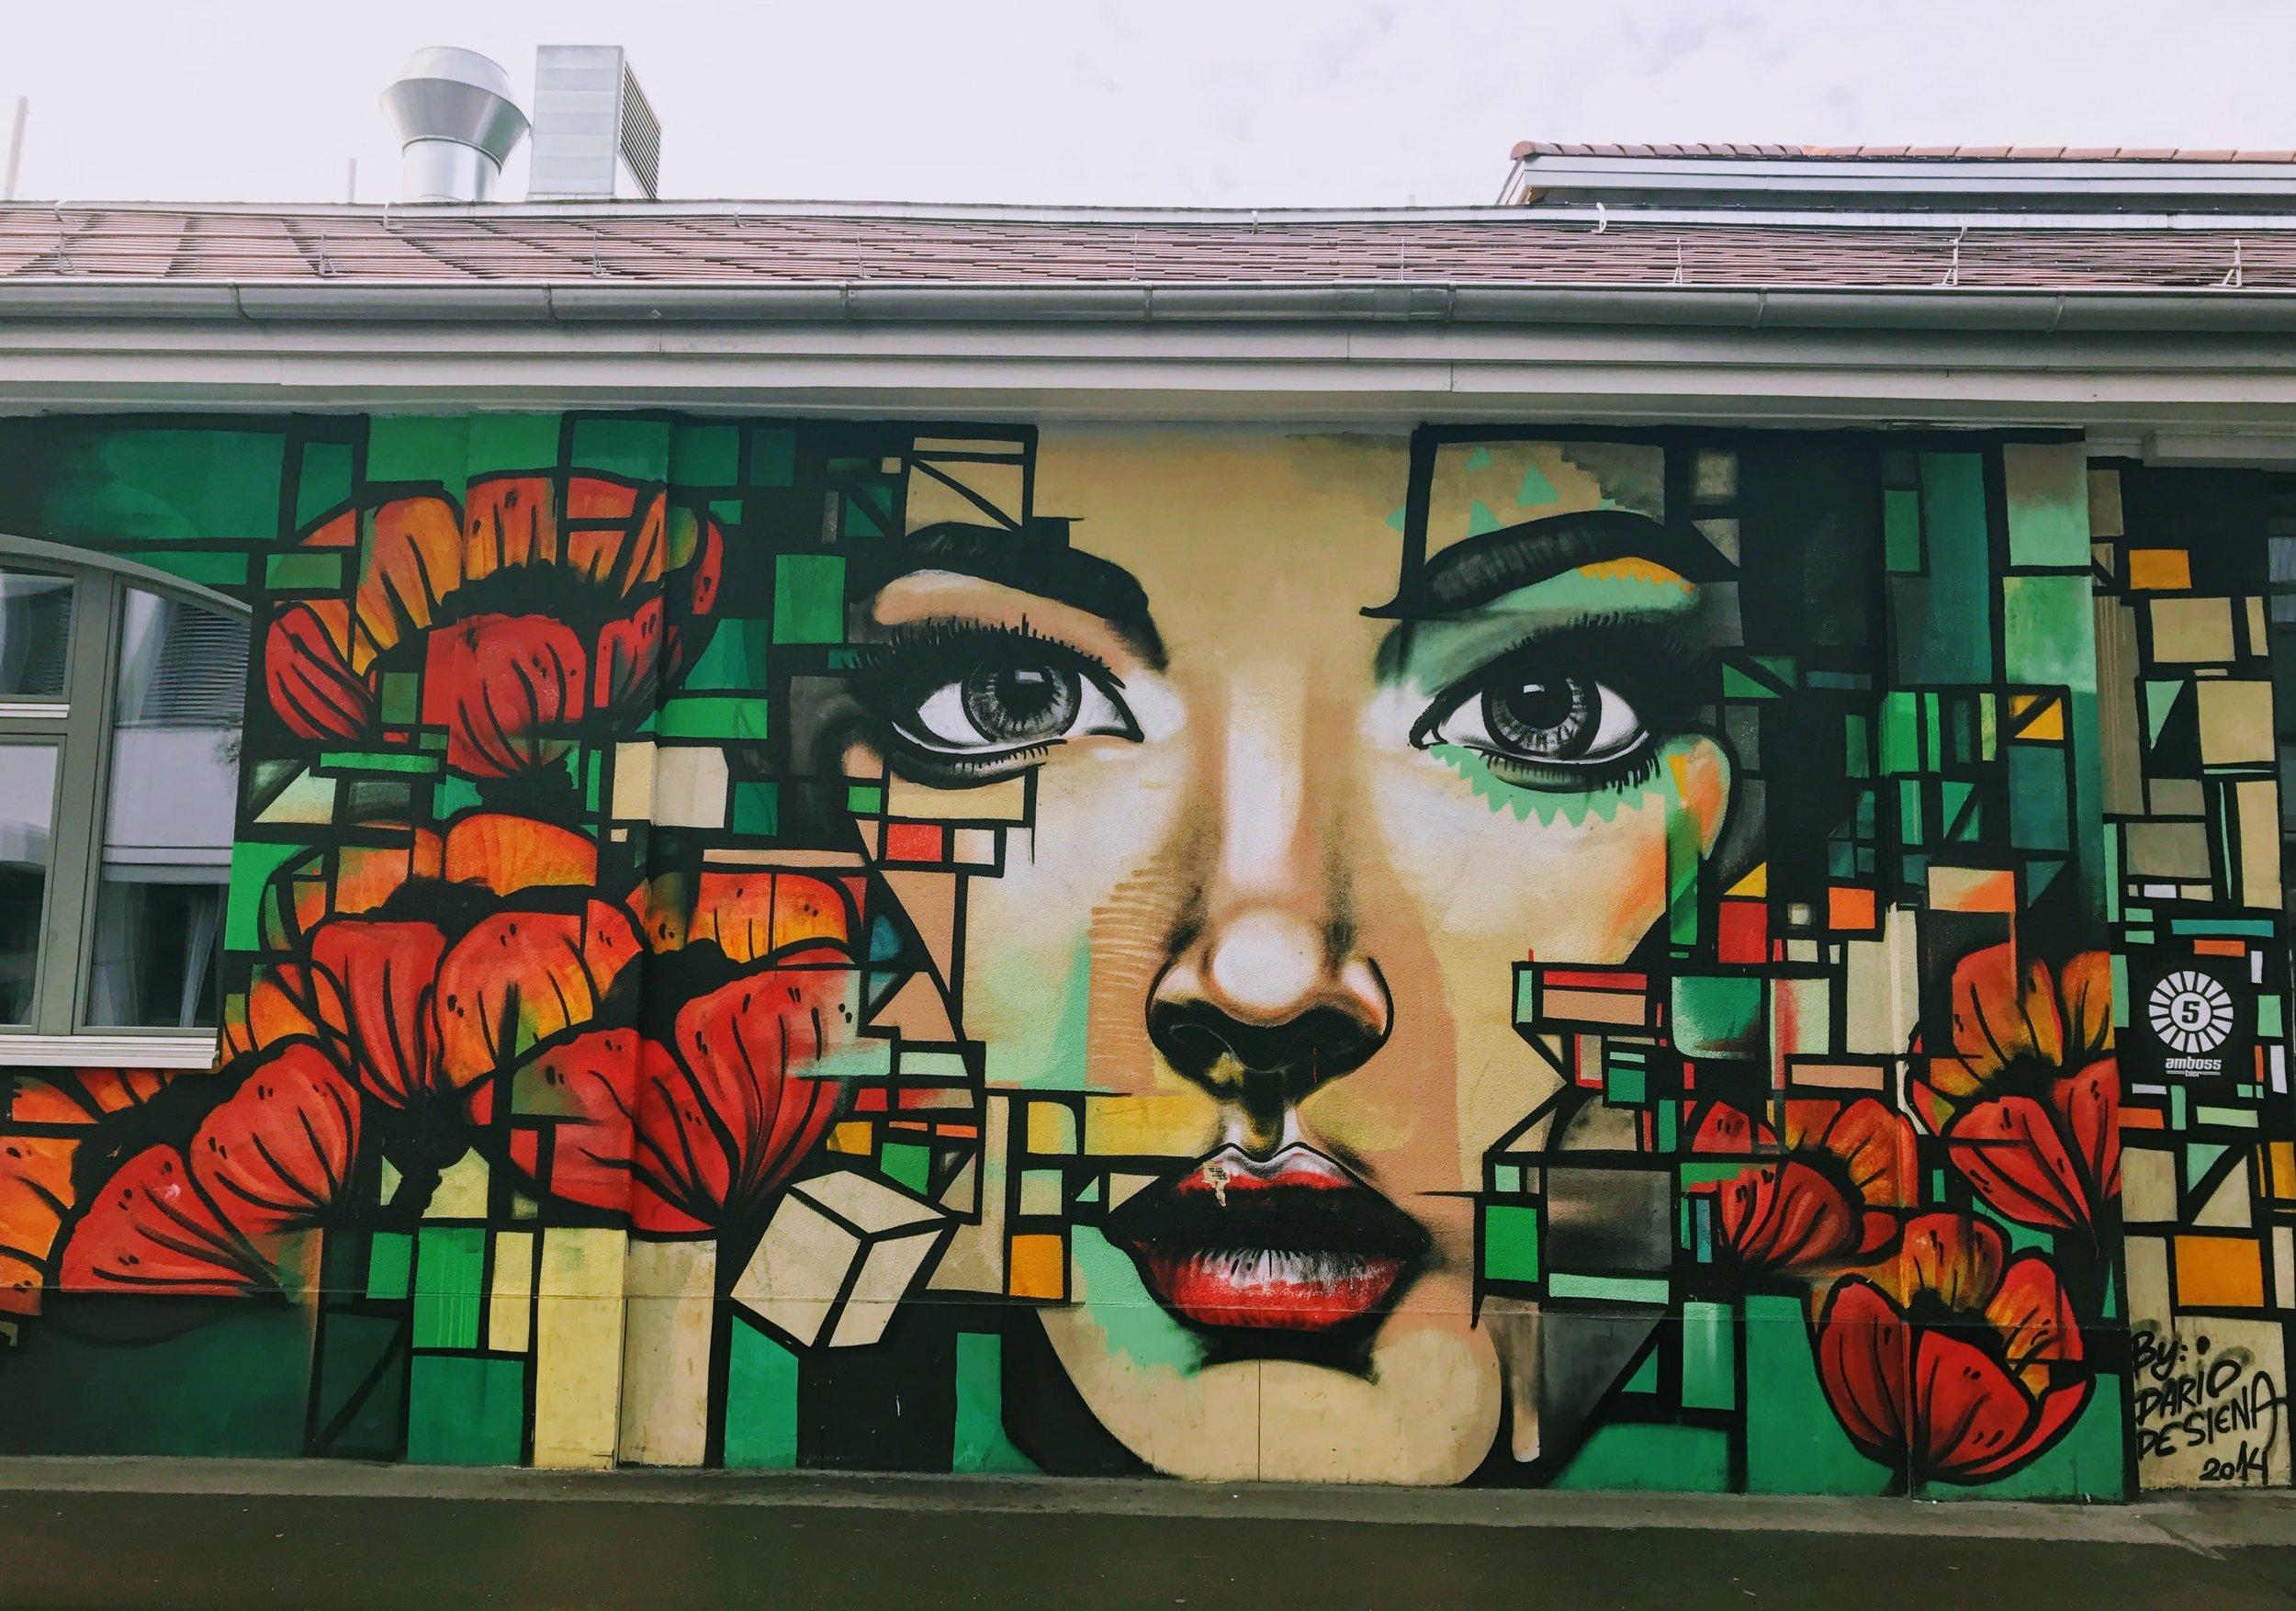 Zuri West street artjpg